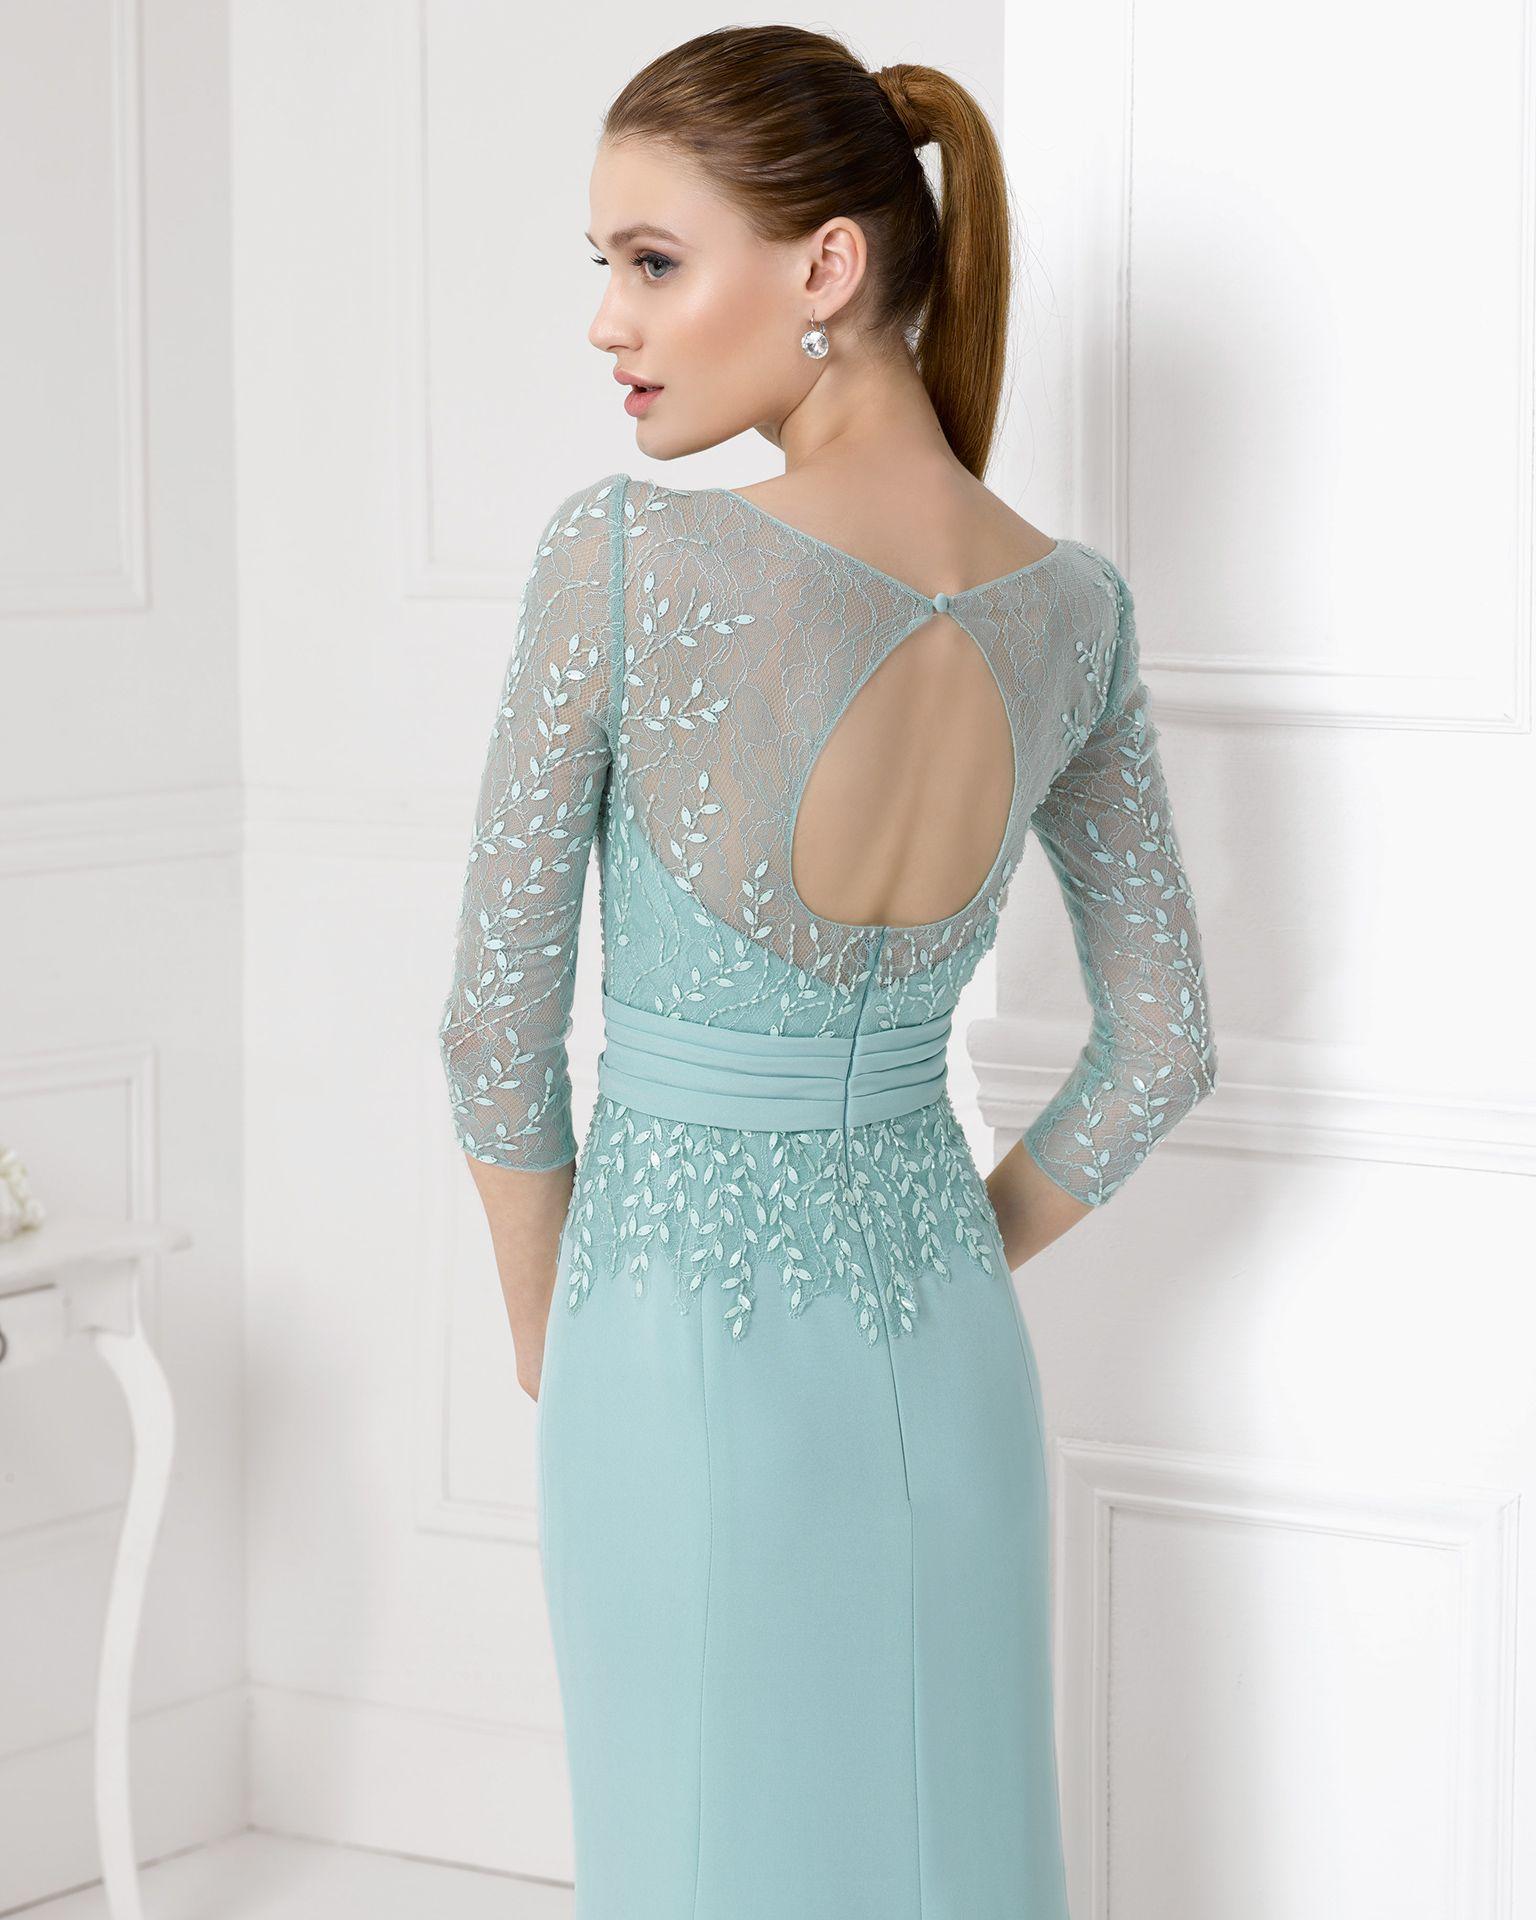 9U157 vestido de fiesta en crepe, encaje y pedreria. | vestidoa ...